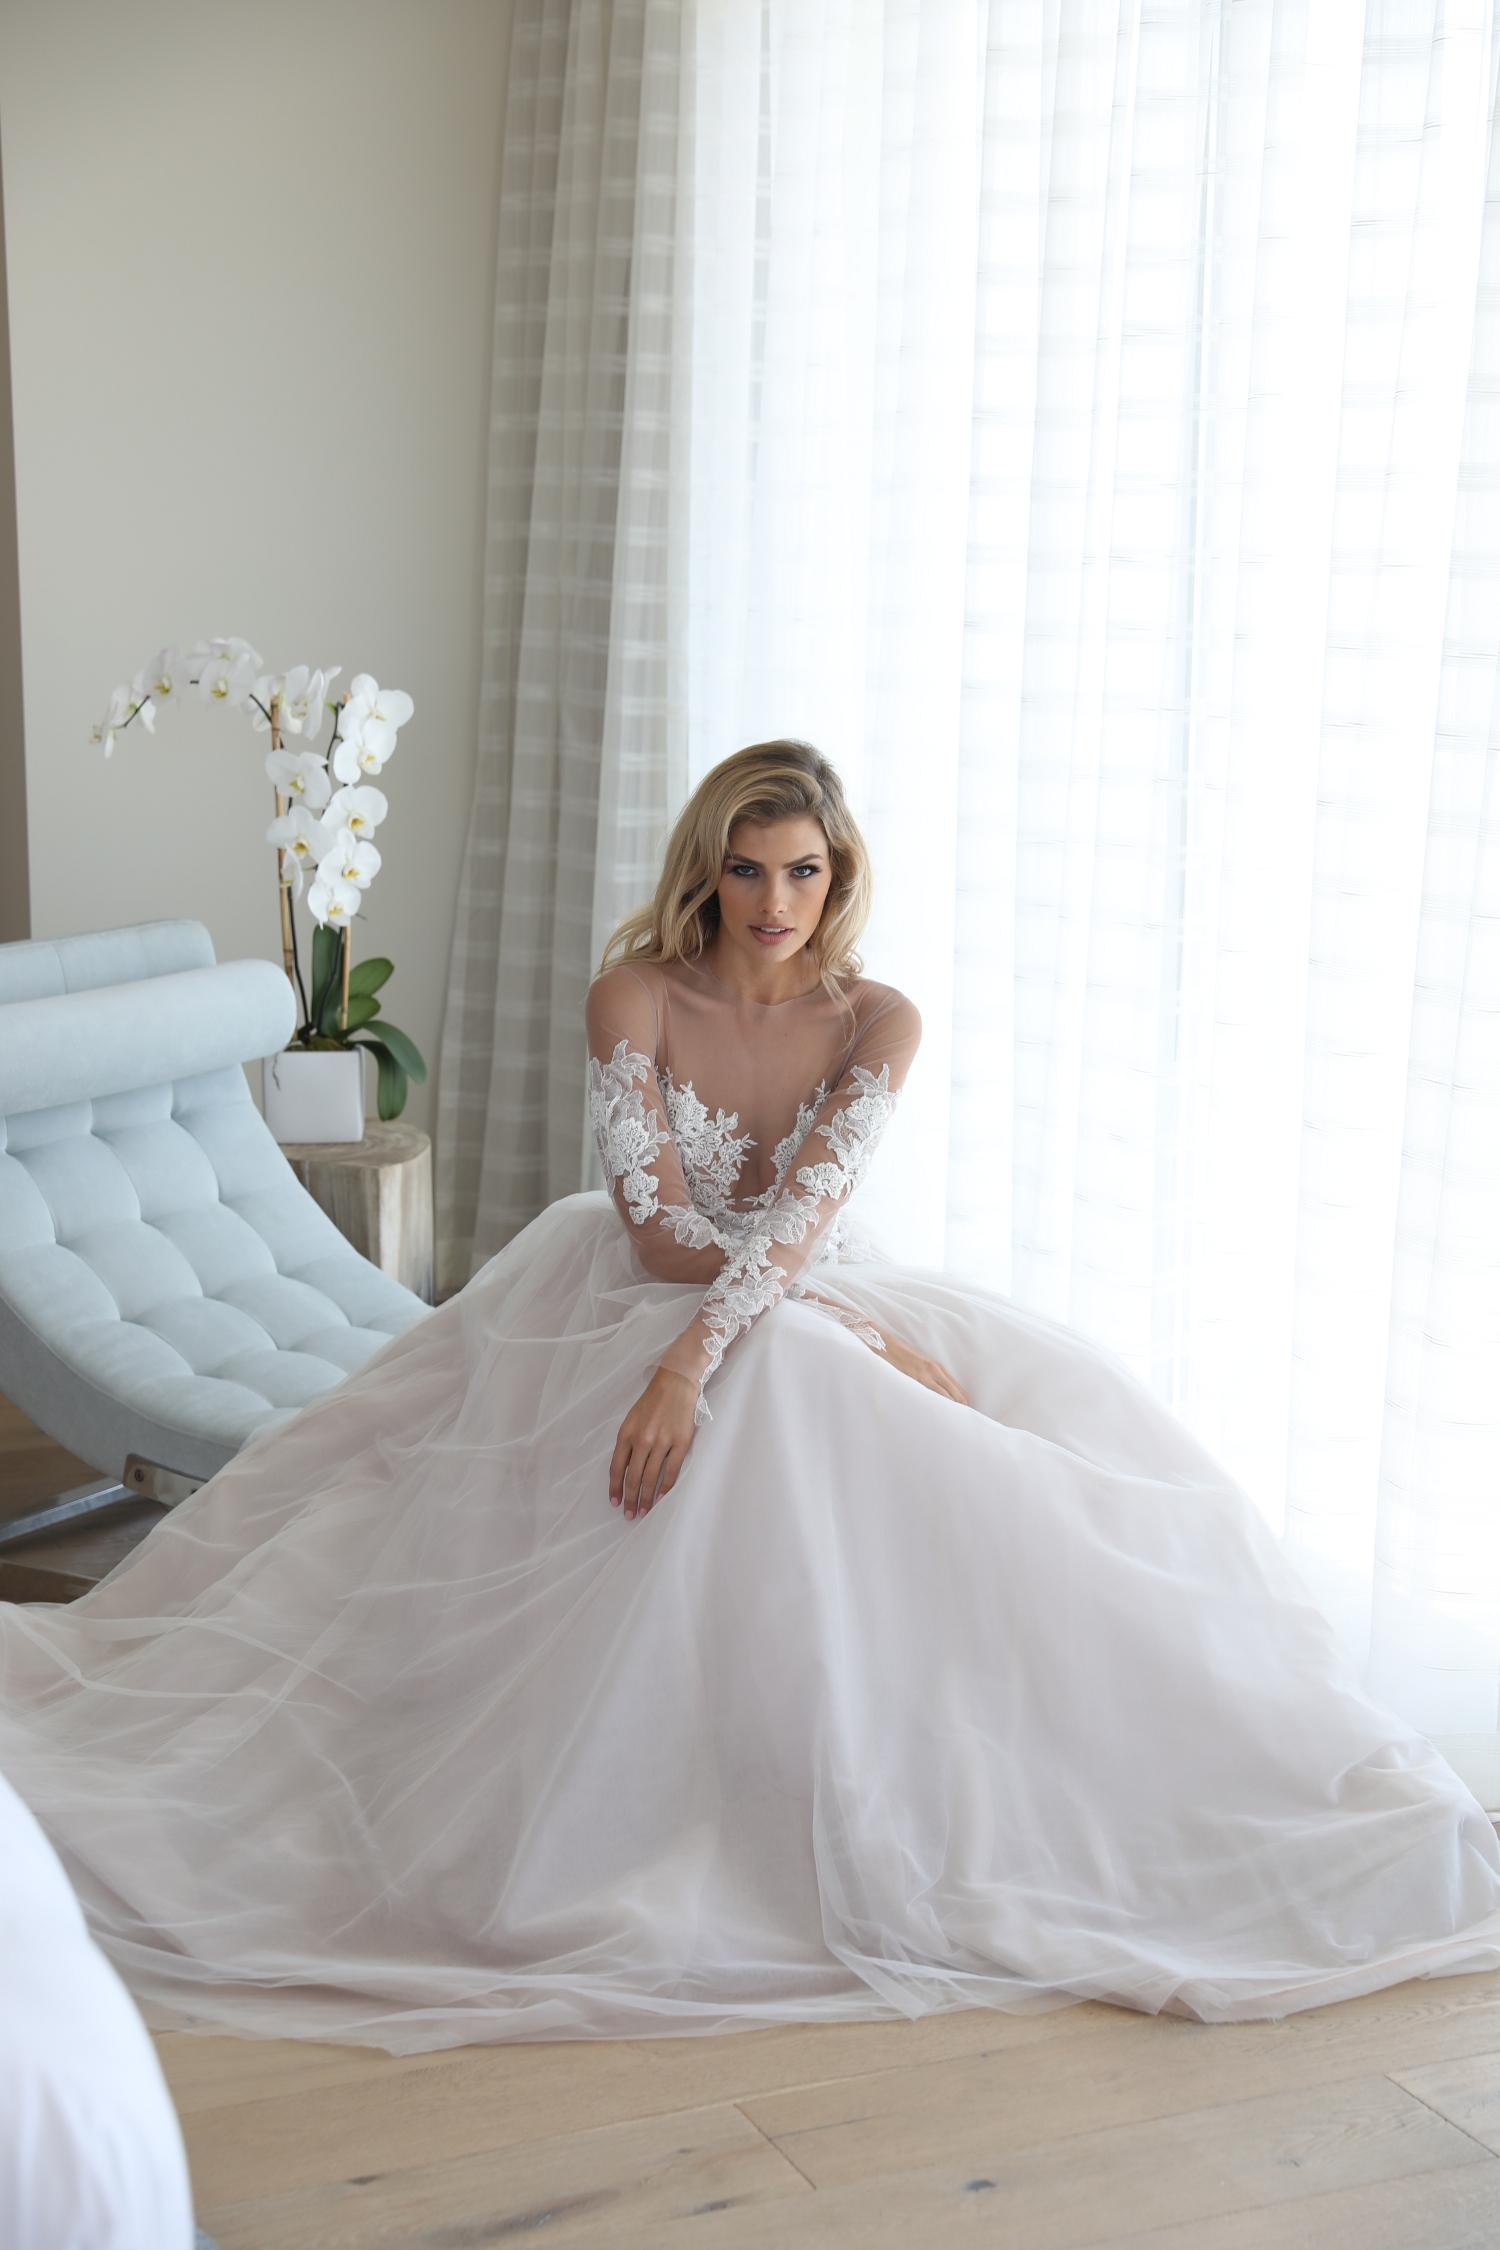 Erin Cole - Ava6 - Brautsalat